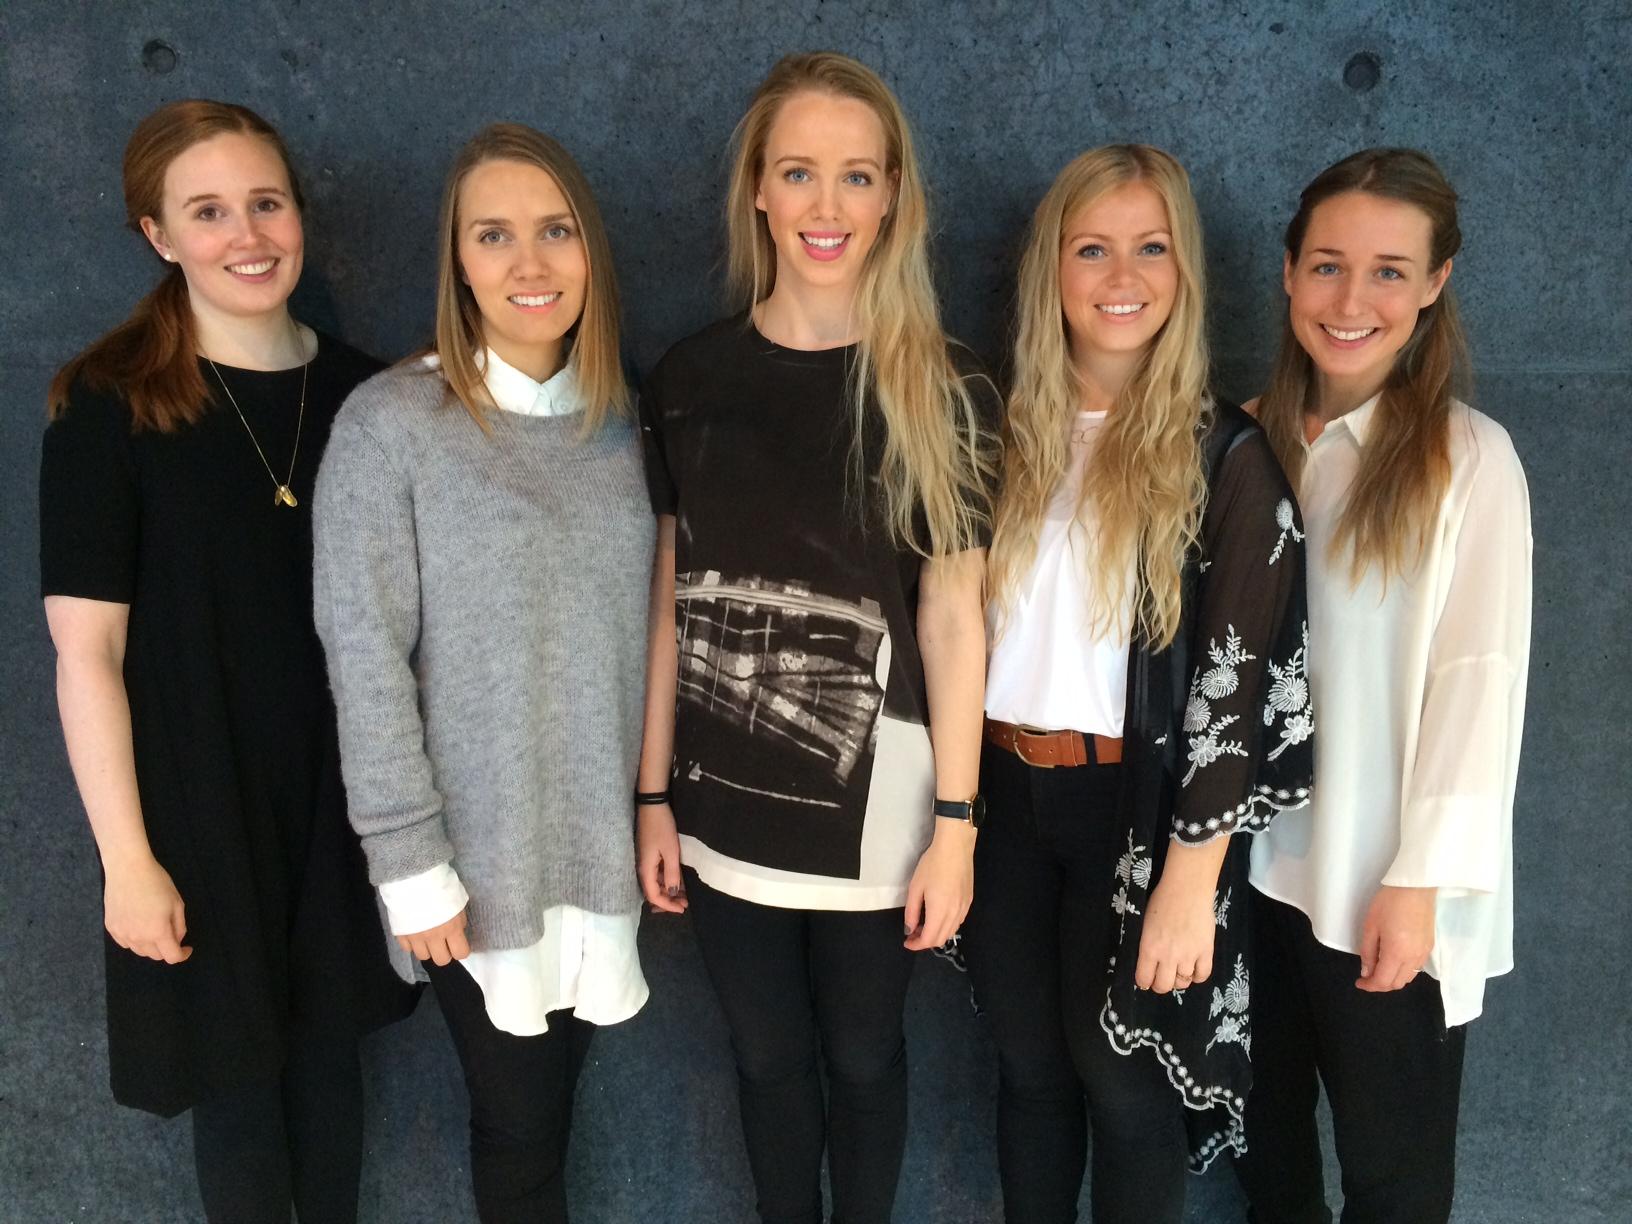 Frá vinstri: Kristel Finnbogadóttir, Rakel Guðmundsdóttir, Lilja Gylfadóttir, Karen Ósk Gylfadóttir og Andrea Karlsdóttir.